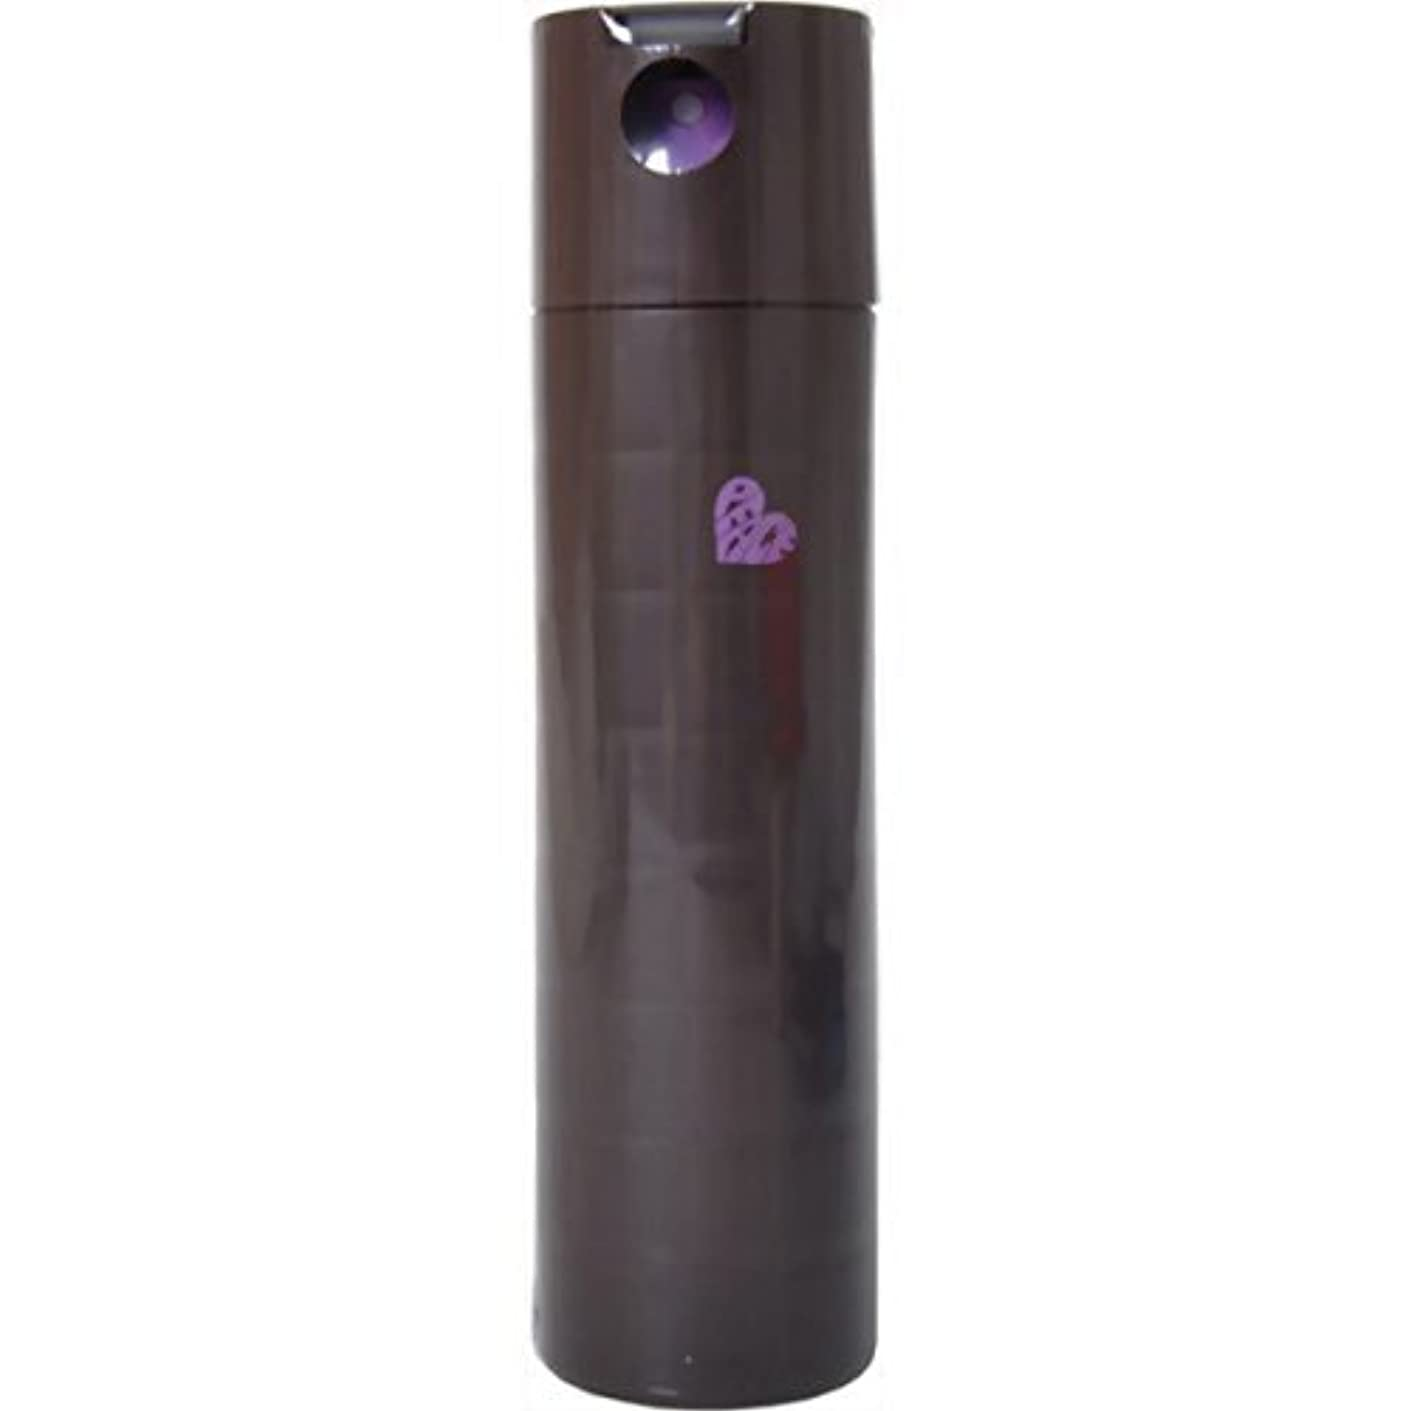 ダブルメキシコタオルアリミノ ピース カールspray チョコ 138g(200ml) スプレーライン ARIMINO PEACE